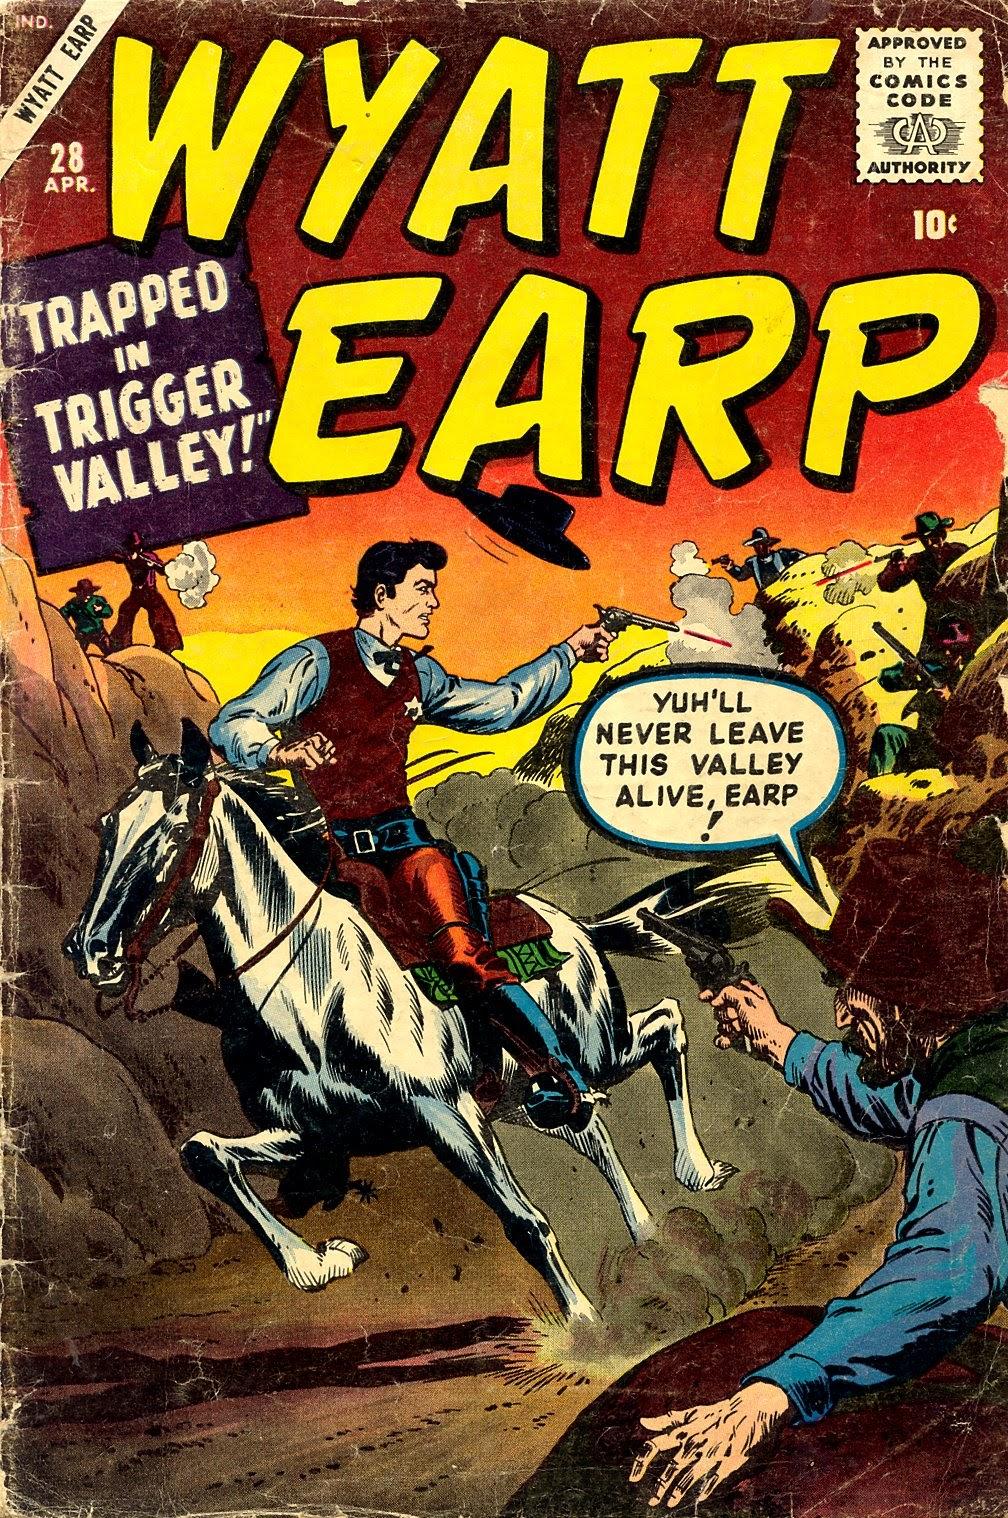 Wyatt Earp issue 28 - Page 1